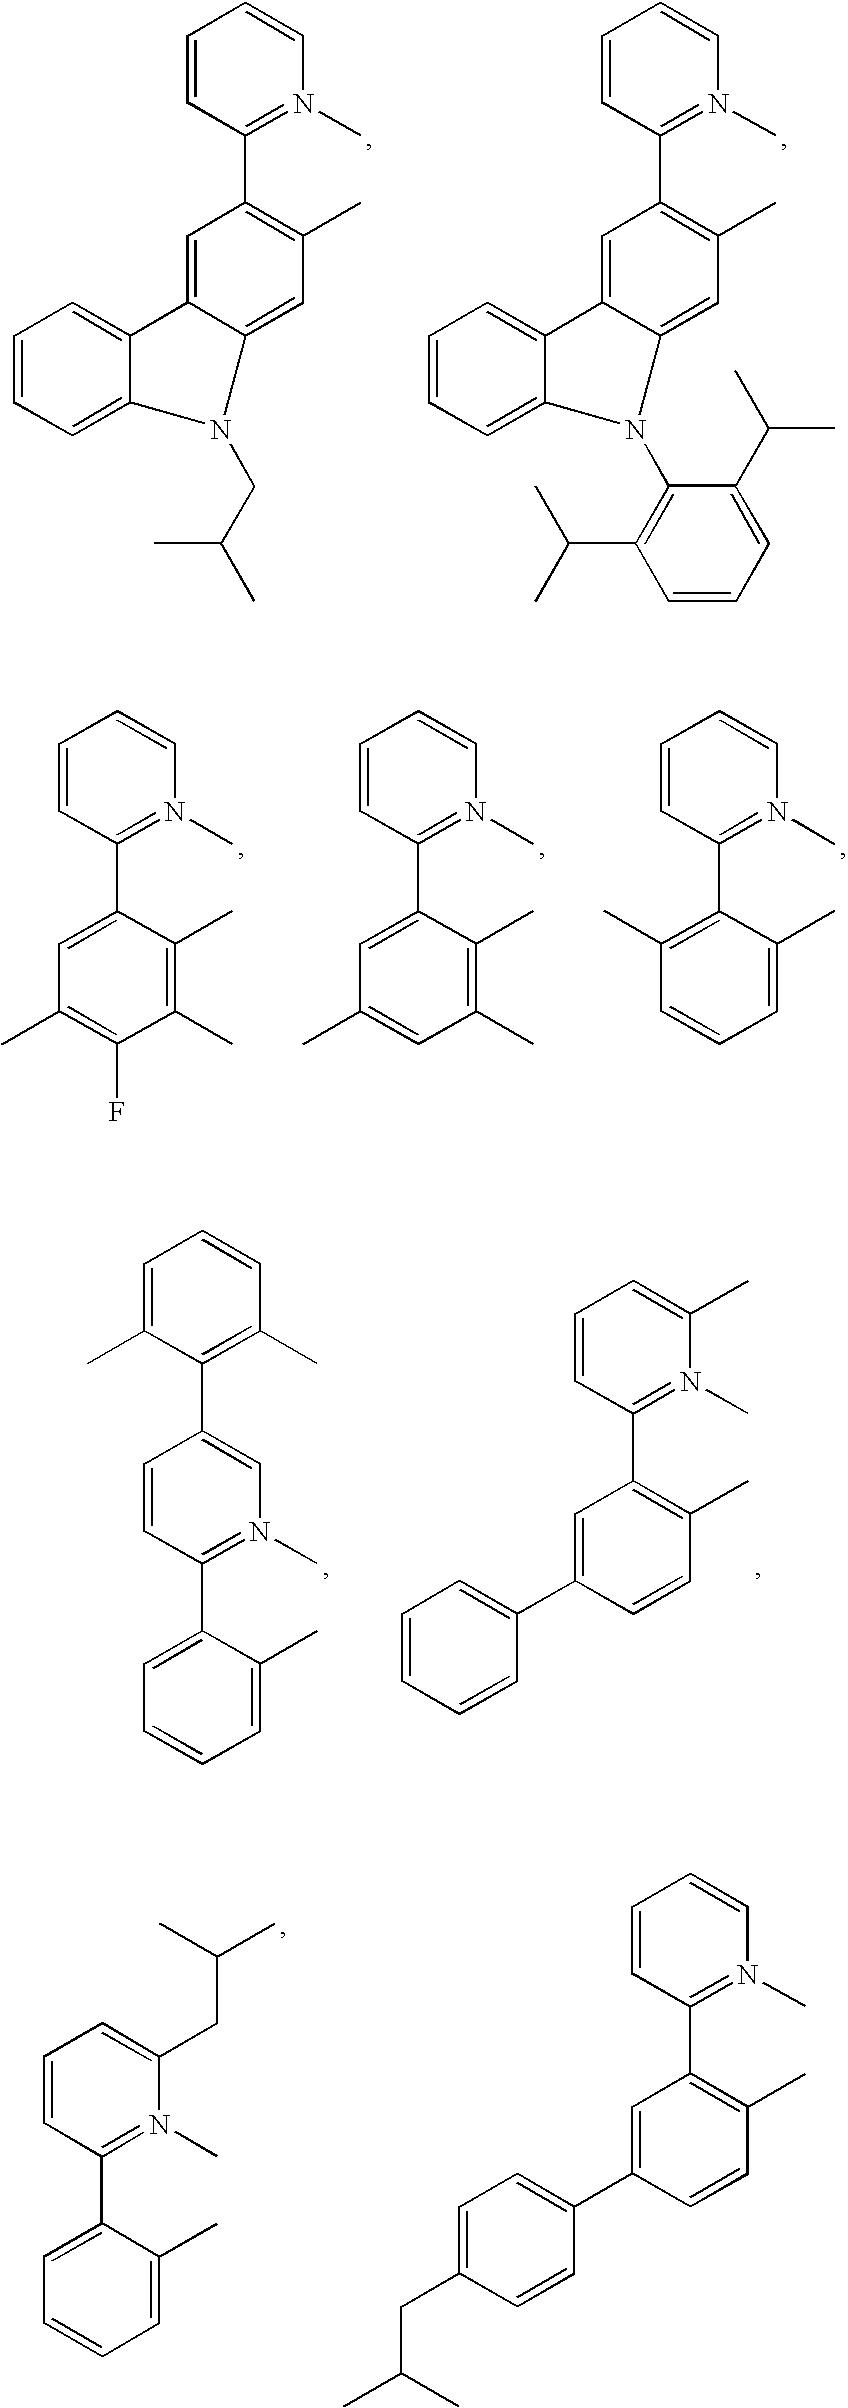 Figure US20090108737A1-20090430-C00037